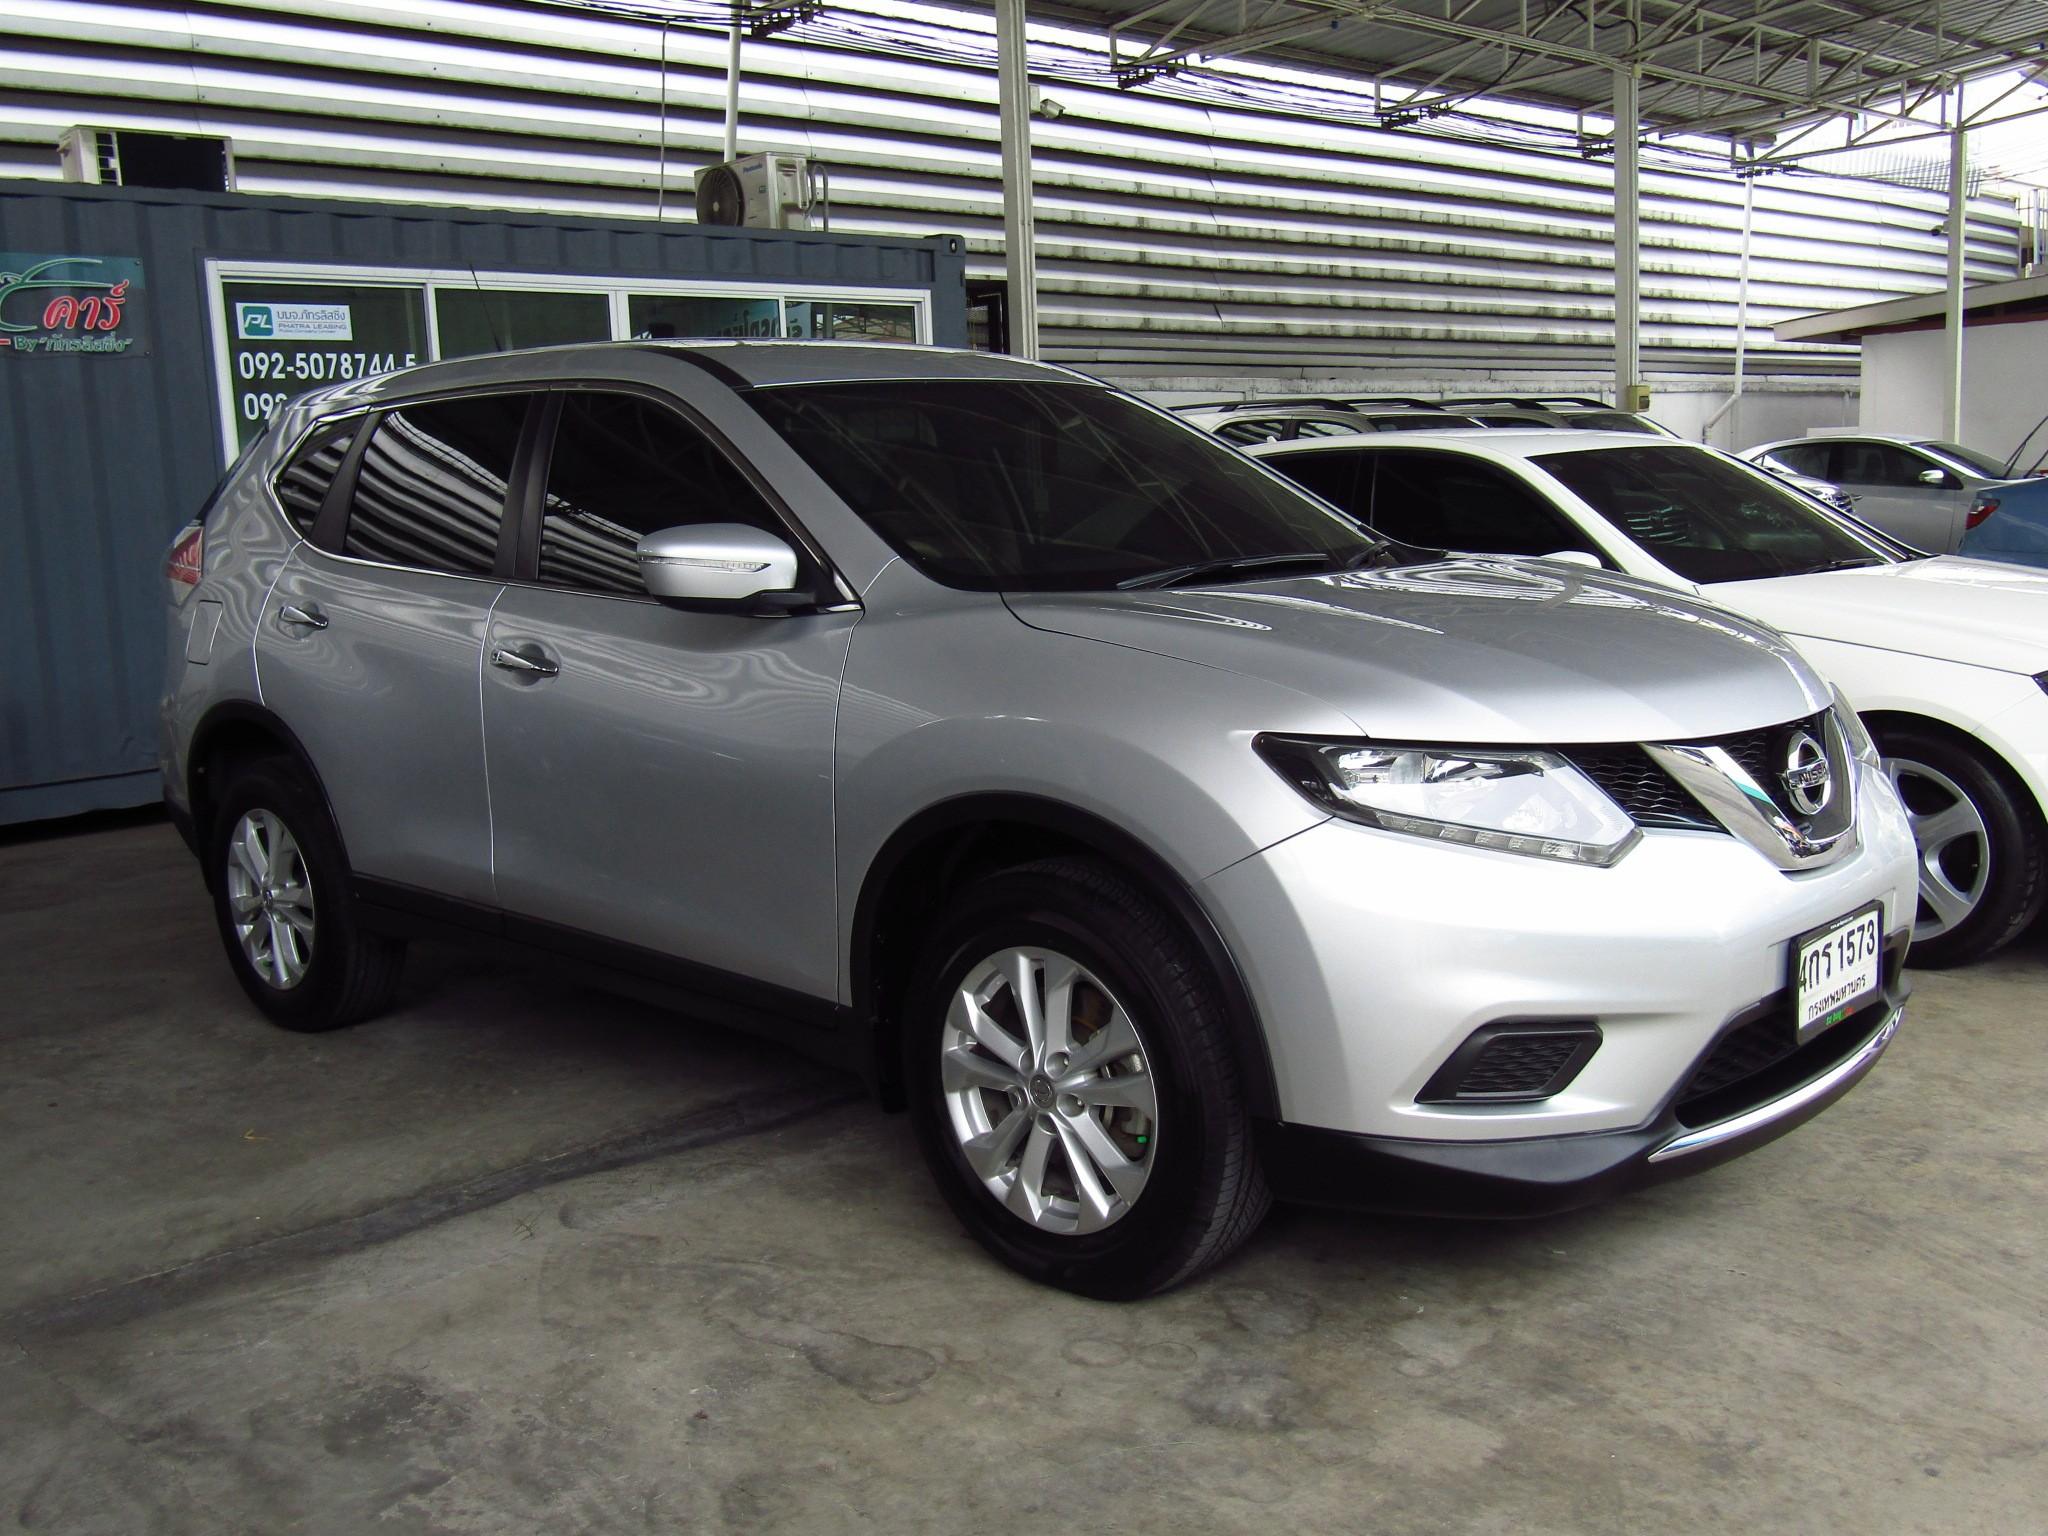 Nissan X-trail (70,xxx) 2.0 S 2WD AT SUV